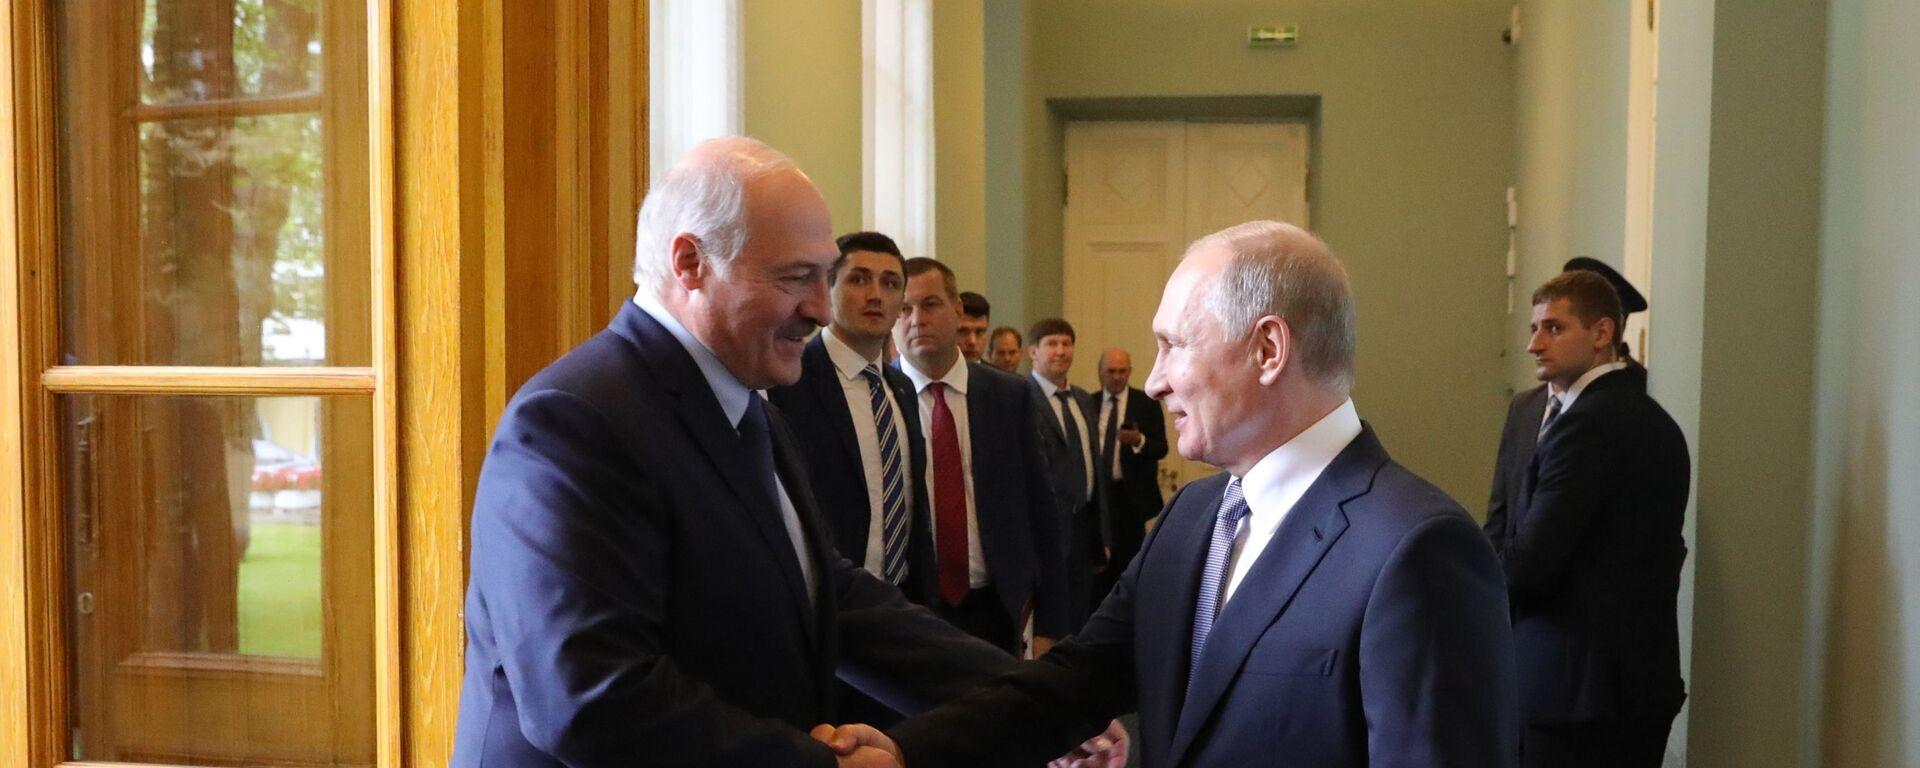 Президент РФ Владимир Путин и президент Беларуси Александр Лукашенко (слева) - Sputnik Беларусь, 1920, 22.04.2021